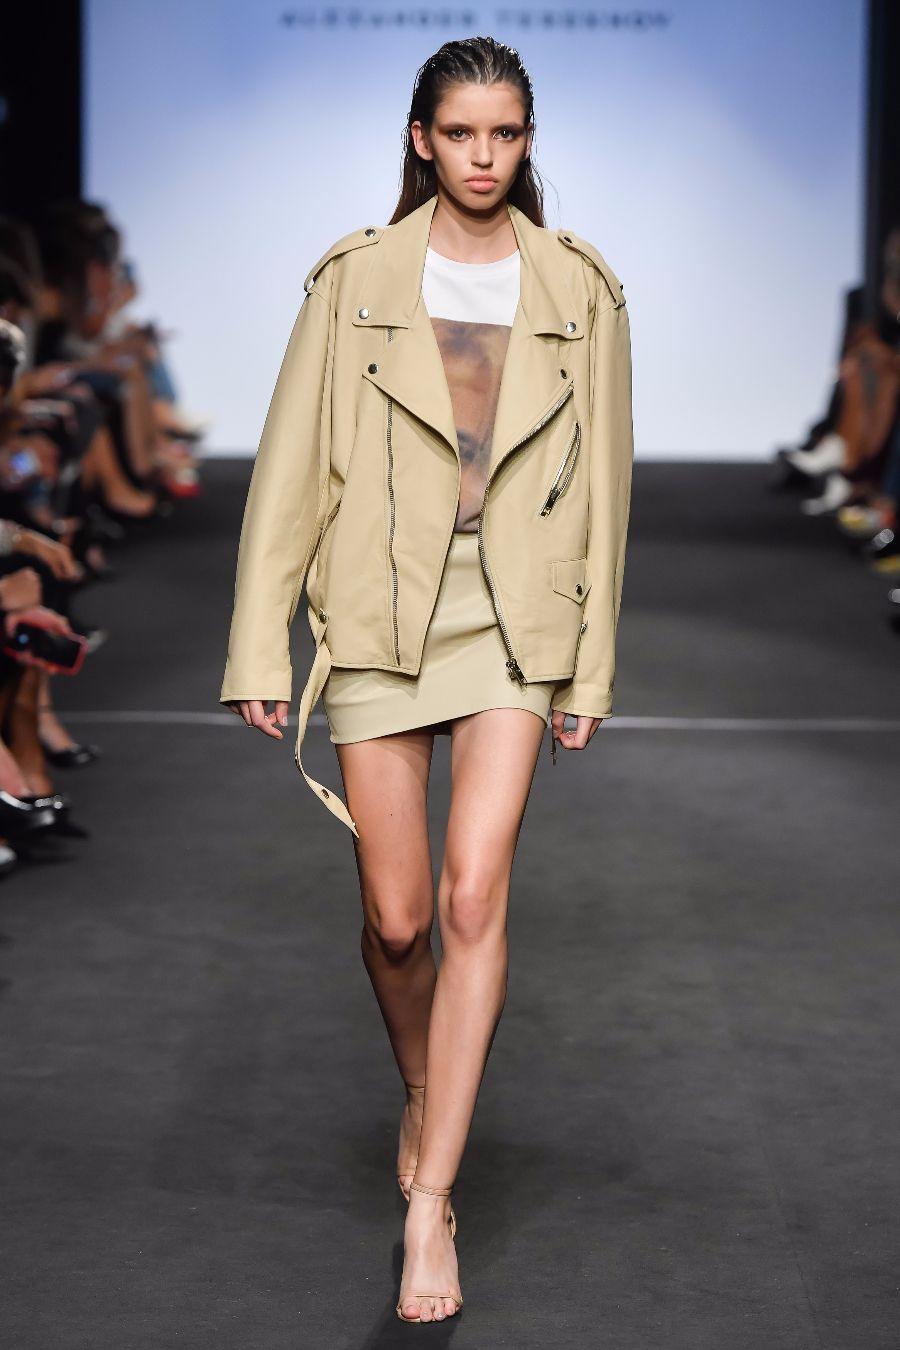 31a98da0d7 Sú ochotní obetovať štýl a módne trendy v prospech expresívneho a stručného  spôsobu. Pozrite sa na príklady minimalistických lukov od Jil Sander a  Helmut ...